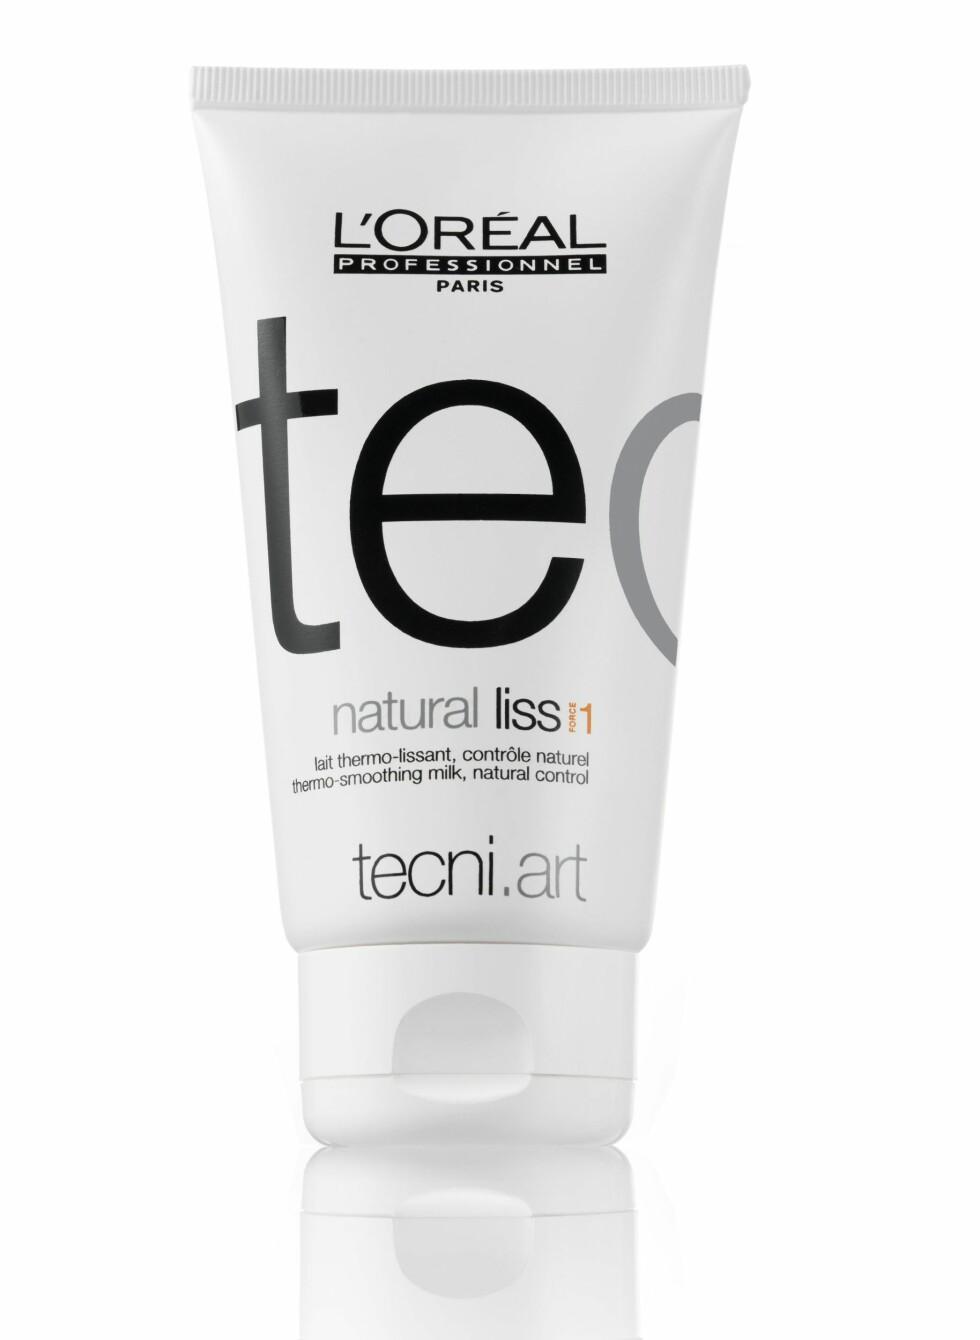 Er du glad i rettetangen din? Da kan du oppleve at den sliter på håret. L'Oréal Professionell har lansert en hårpleie som skal beskytte håret mot skader som skyldes rettetang og føner. Den gjør også håret glatt og mykt, og er perfekt som har litt uregjerlig hår (kr 209, L'Oréal).